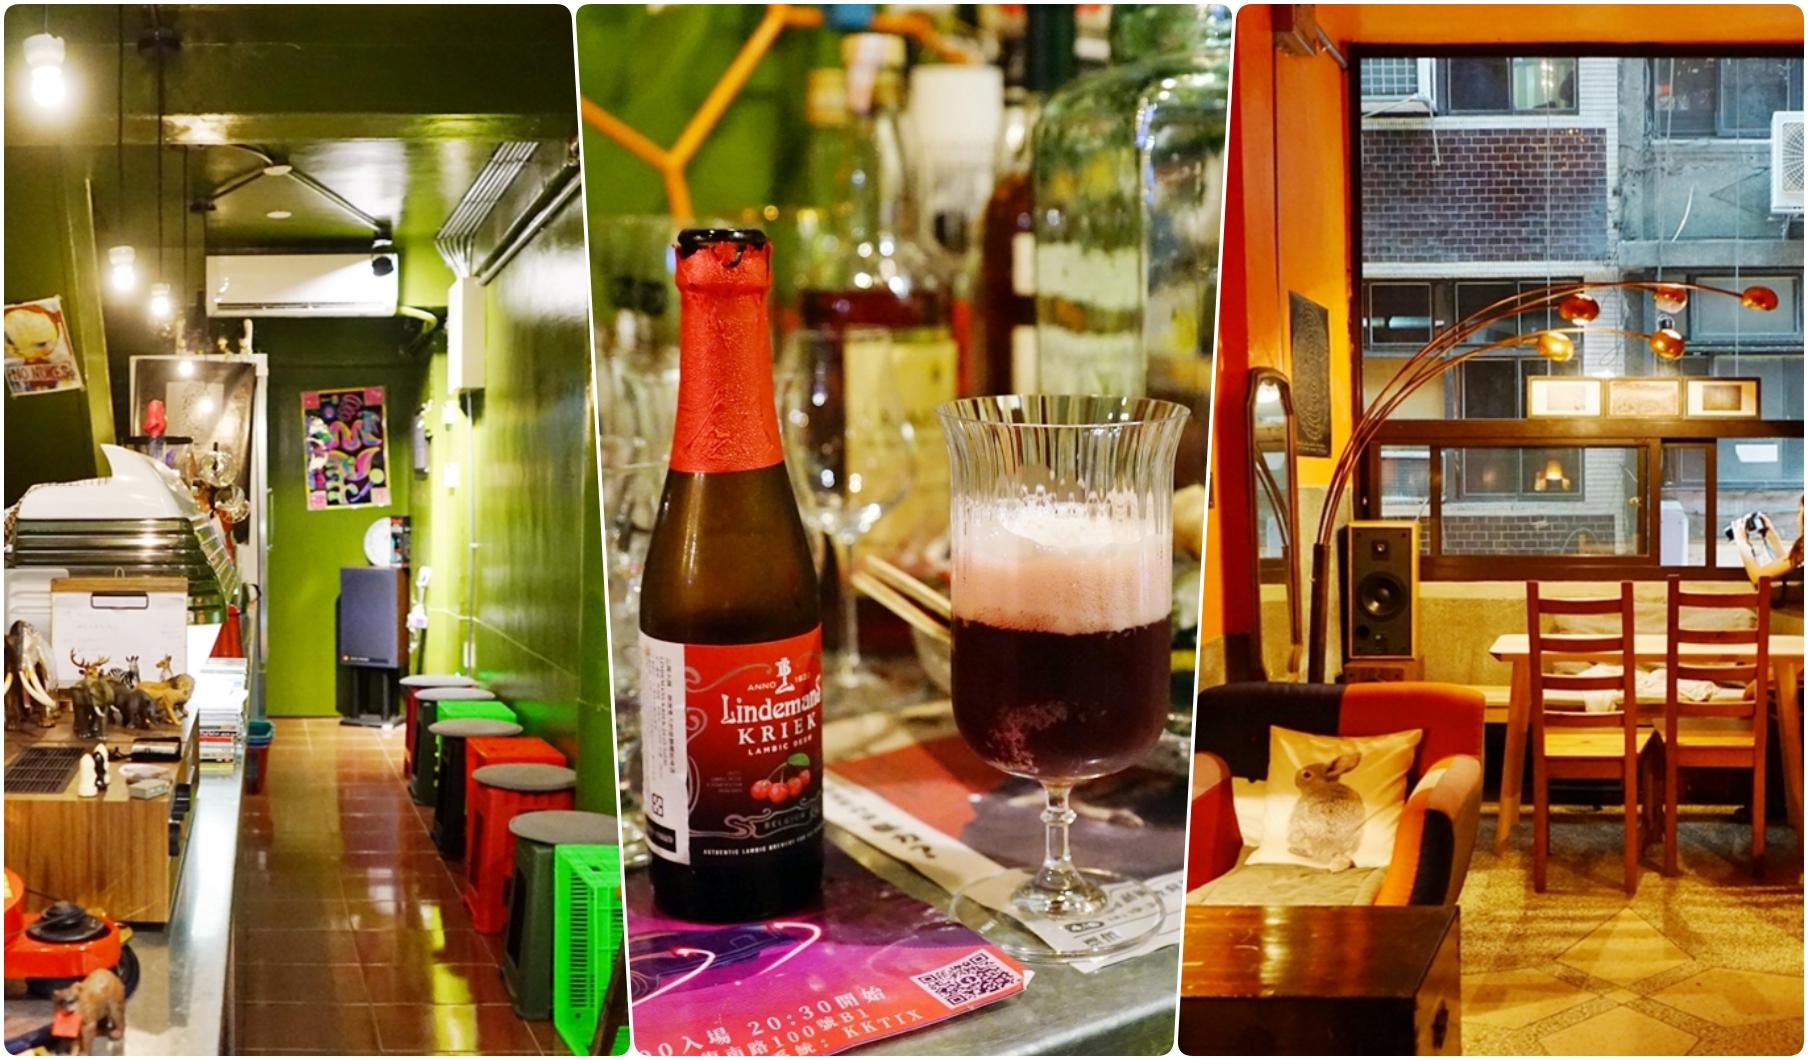 基隆 啤 咖 酒|委託行街區 70年老宅酒吧咖啡廳 音樂 咖啡 酒還有古董。 @Mika出走美食日誌